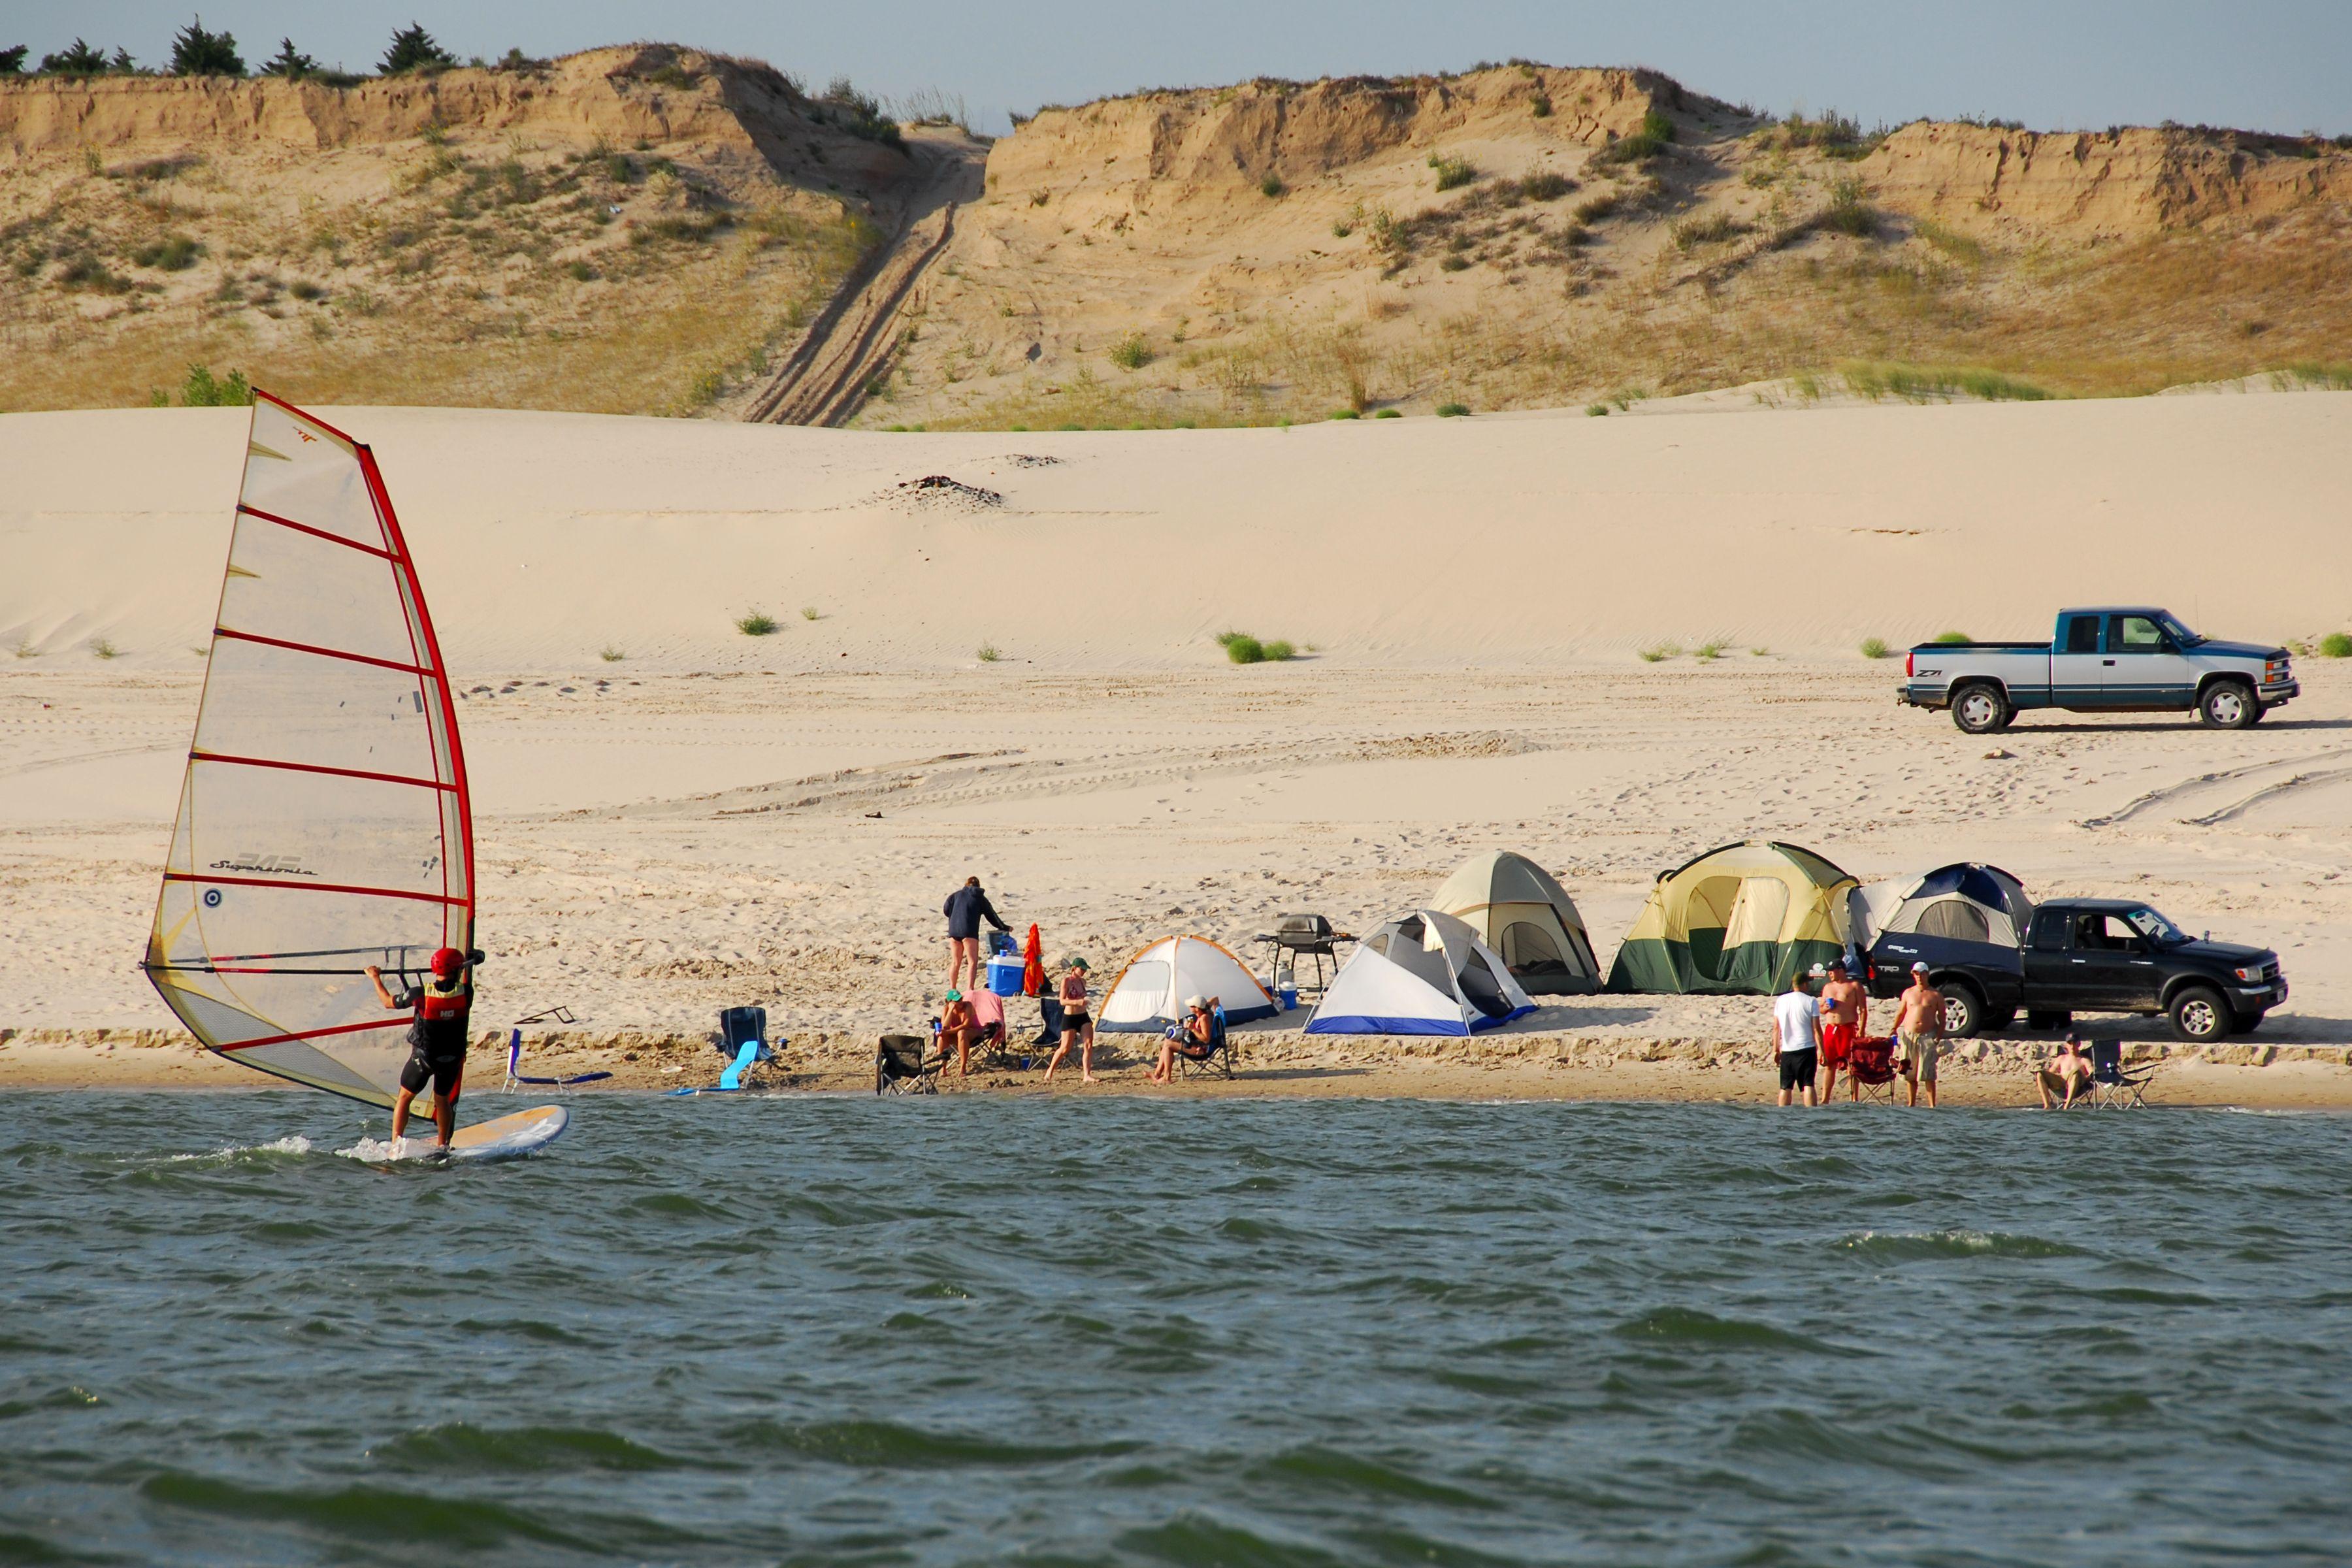 Beach_Camping_jpg.jpg